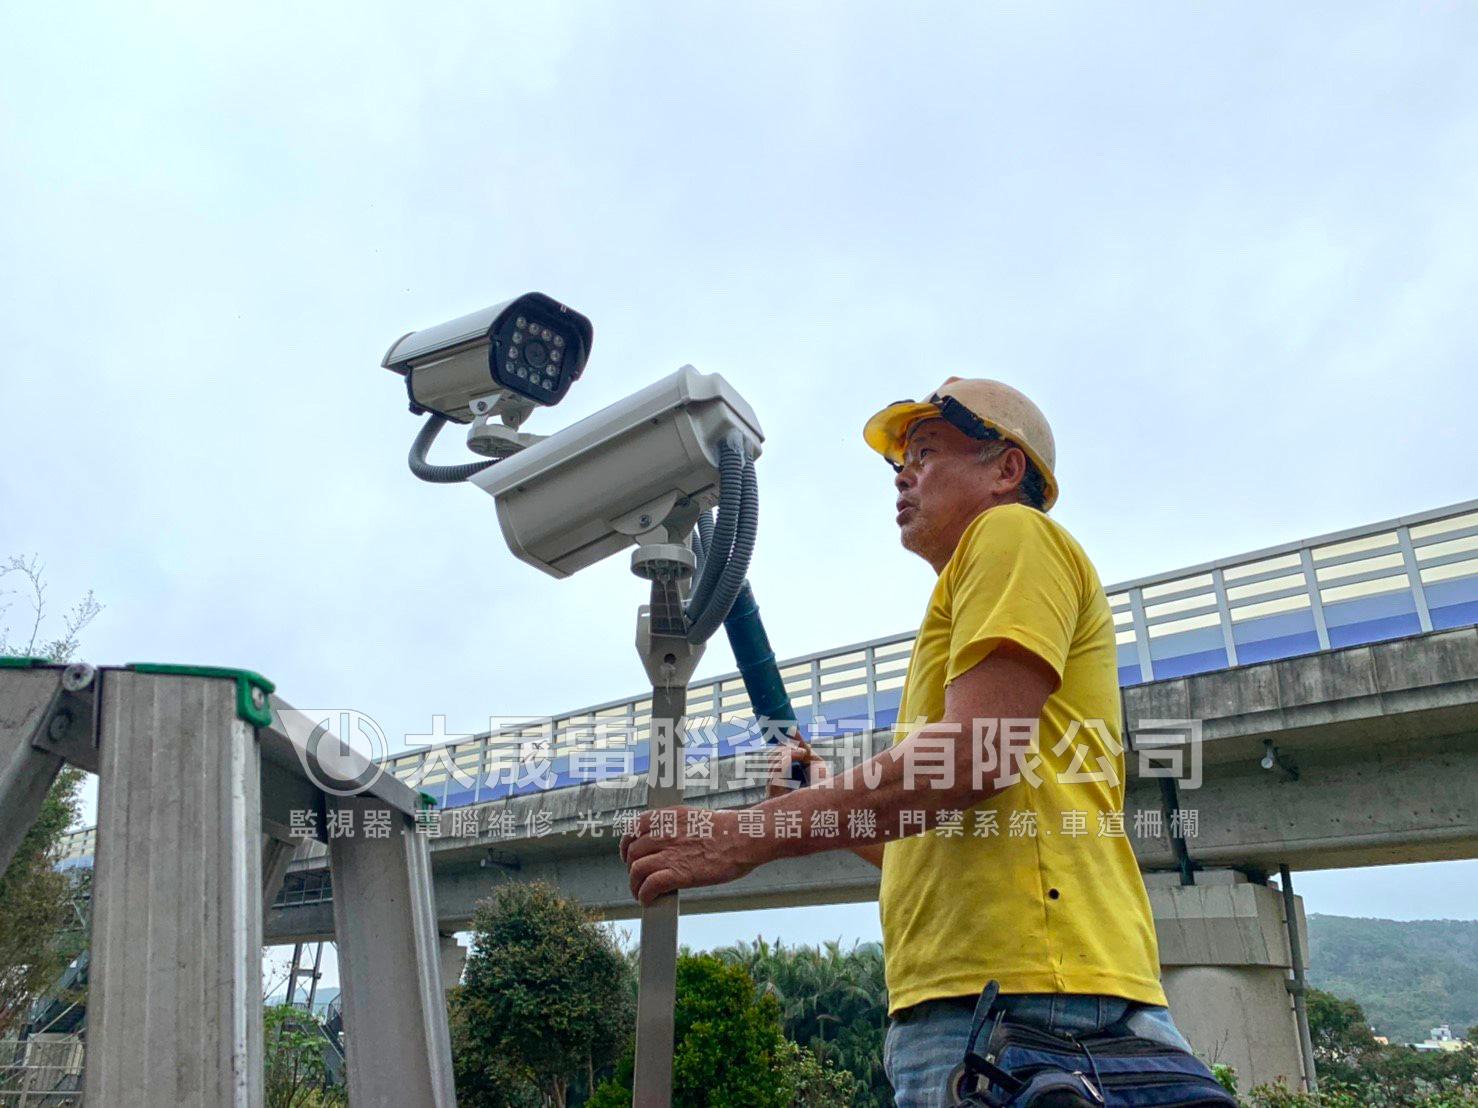 住宅監視器,戶外監視器安裝,大型戶外紅外線攝影機,山腳監視器工程